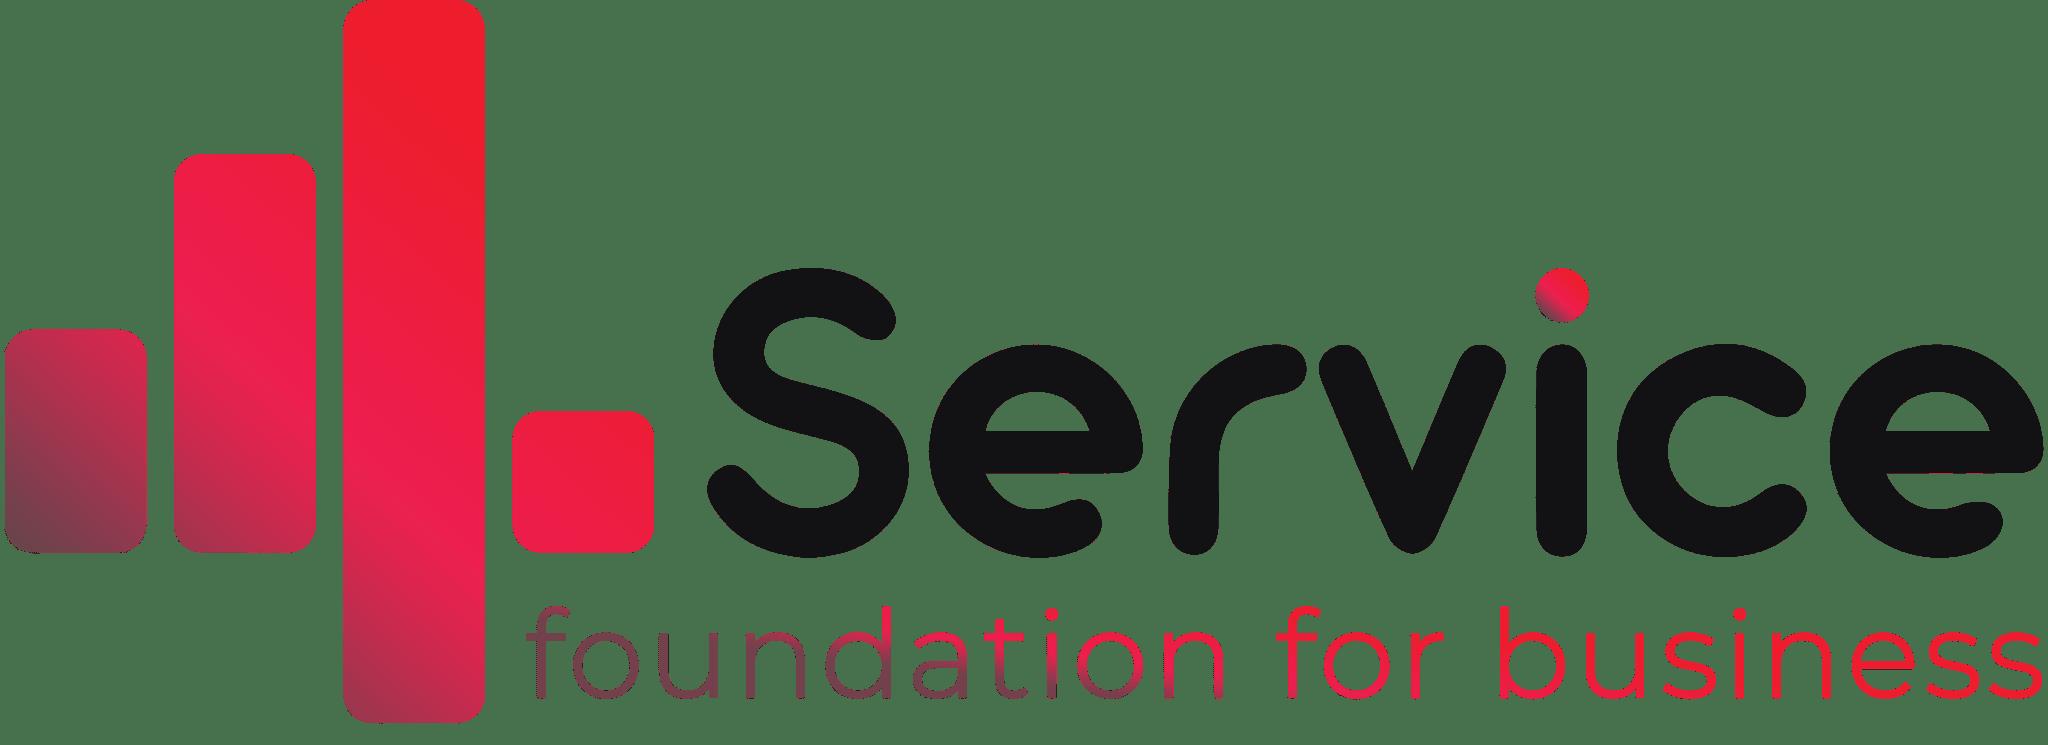 Компания 4Service представляет обновленный логотип